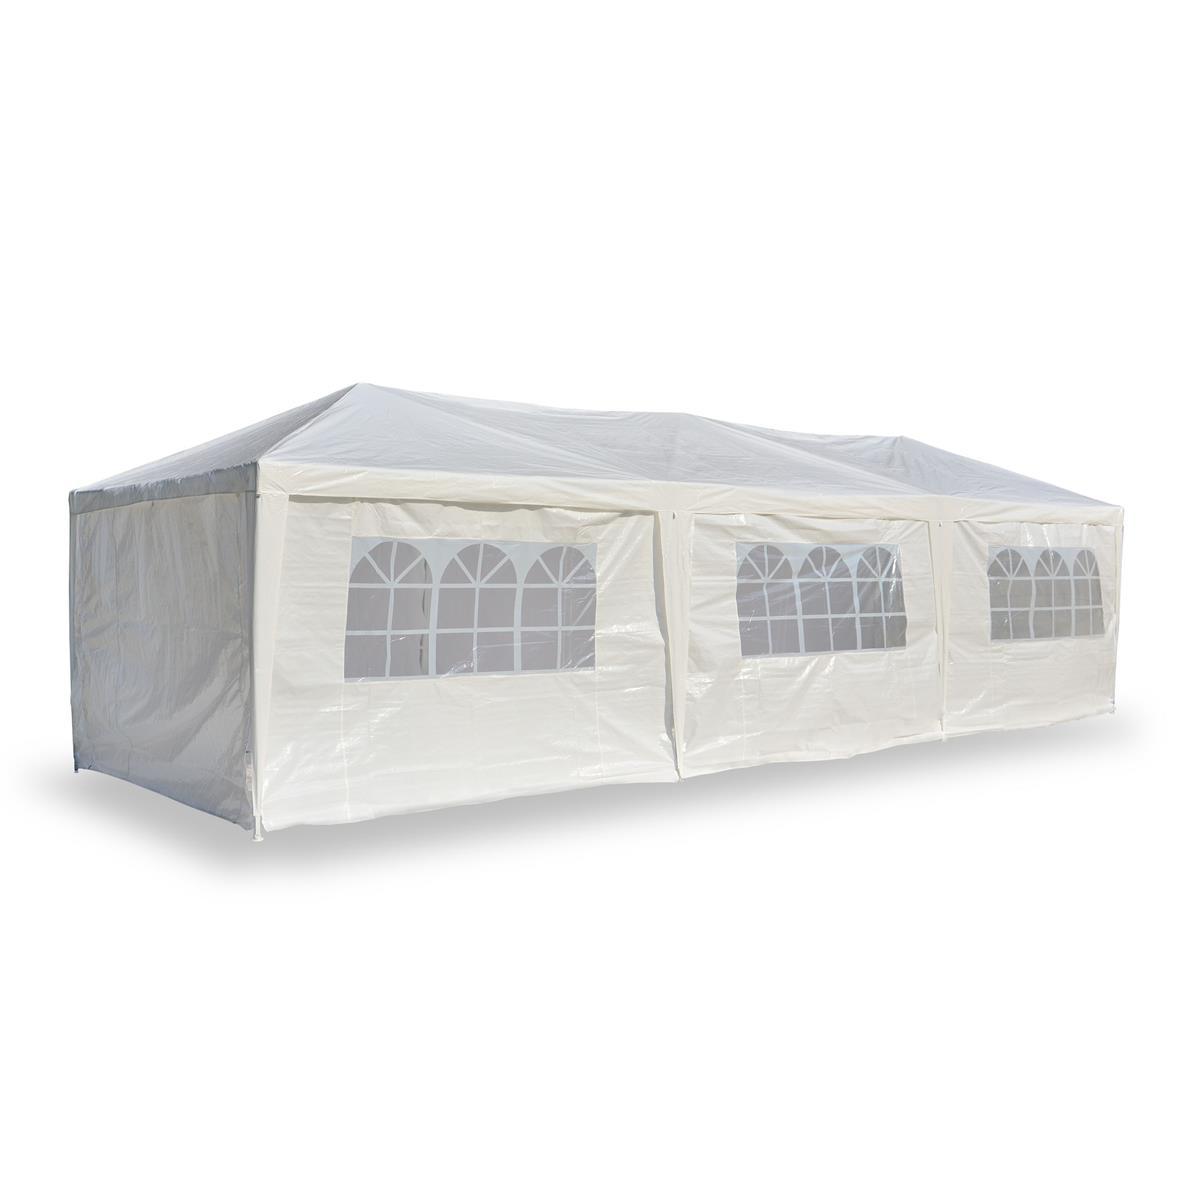 Pavillon Partyzelt weiß 3x9m PE 110g/m² Gartenzelt Festzelt Eventzelt Marktzelt